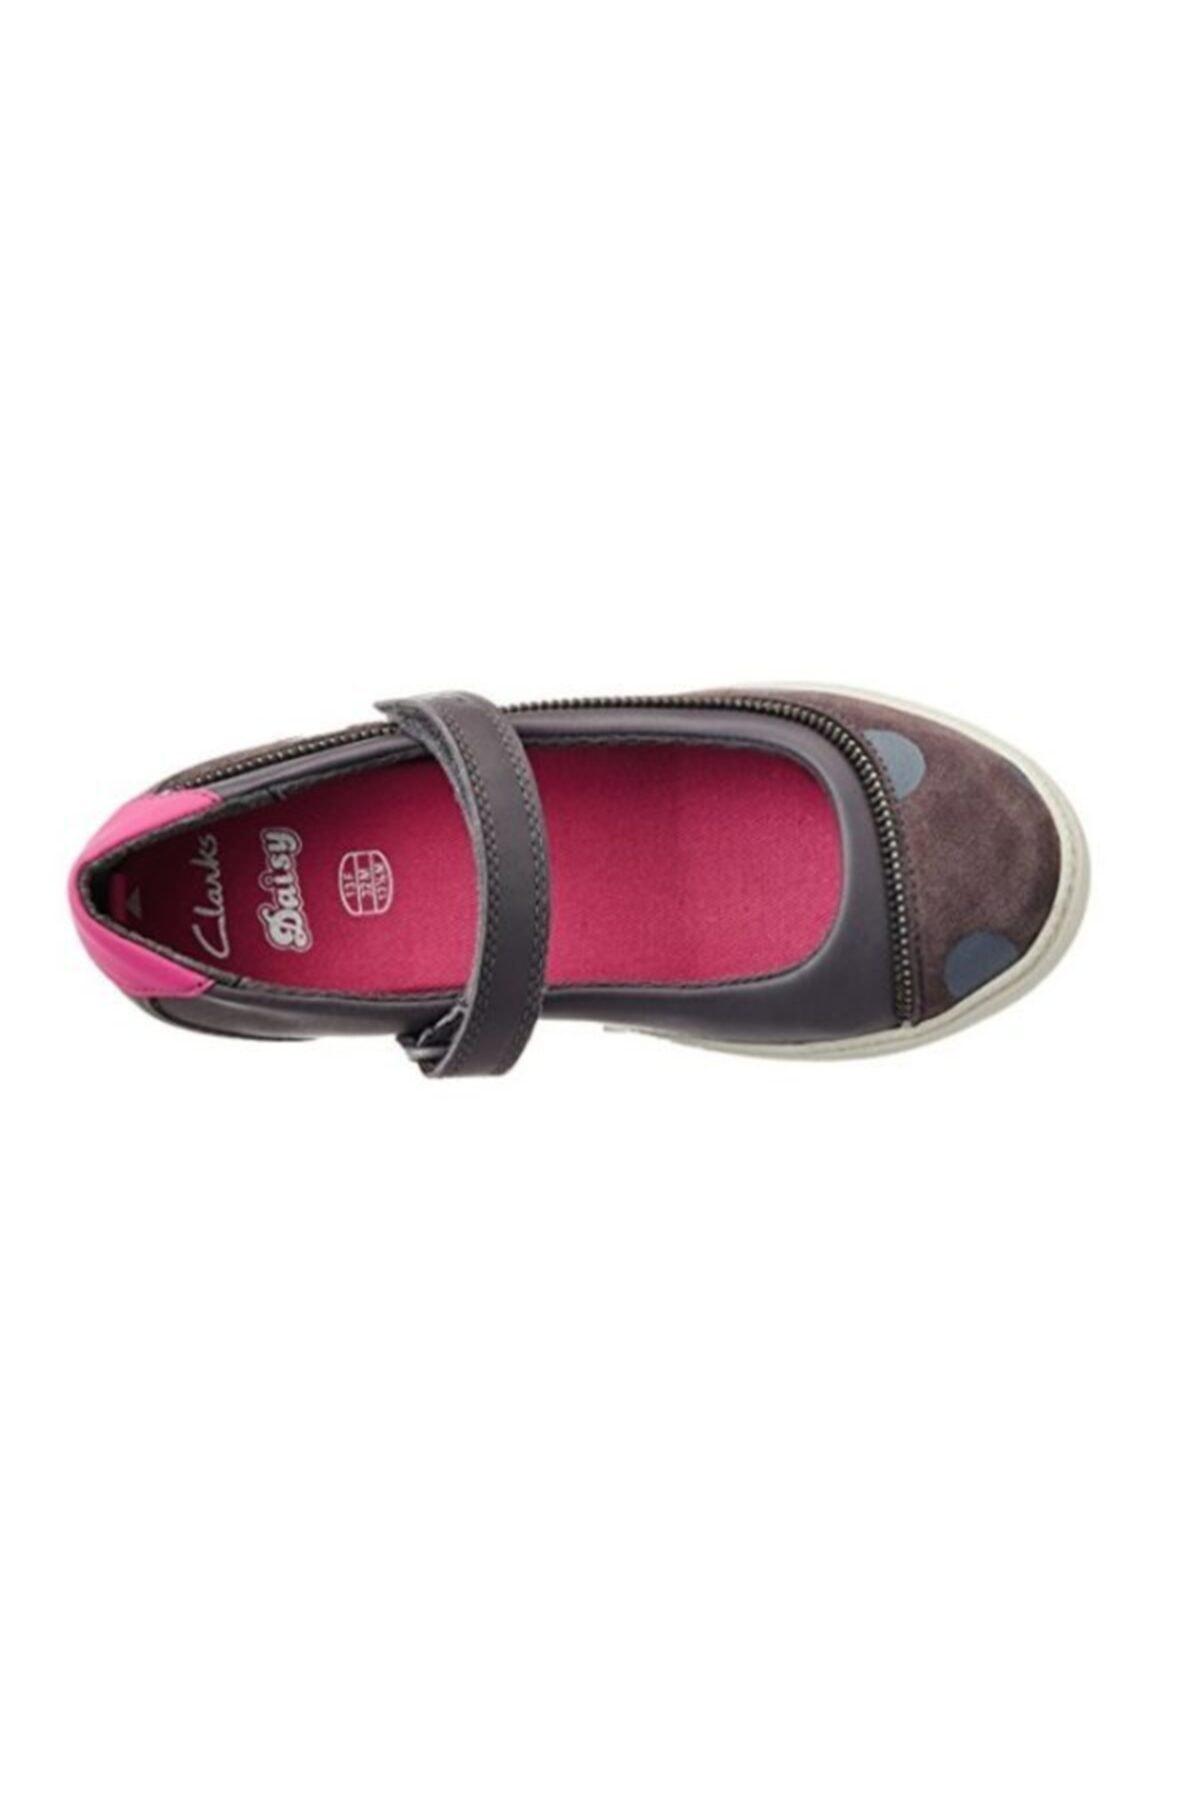 CLARKS Kız Çocuk Ayakkabı 2-6 Yaş Ortopedik Zita Grey Mary Jane Belly 1